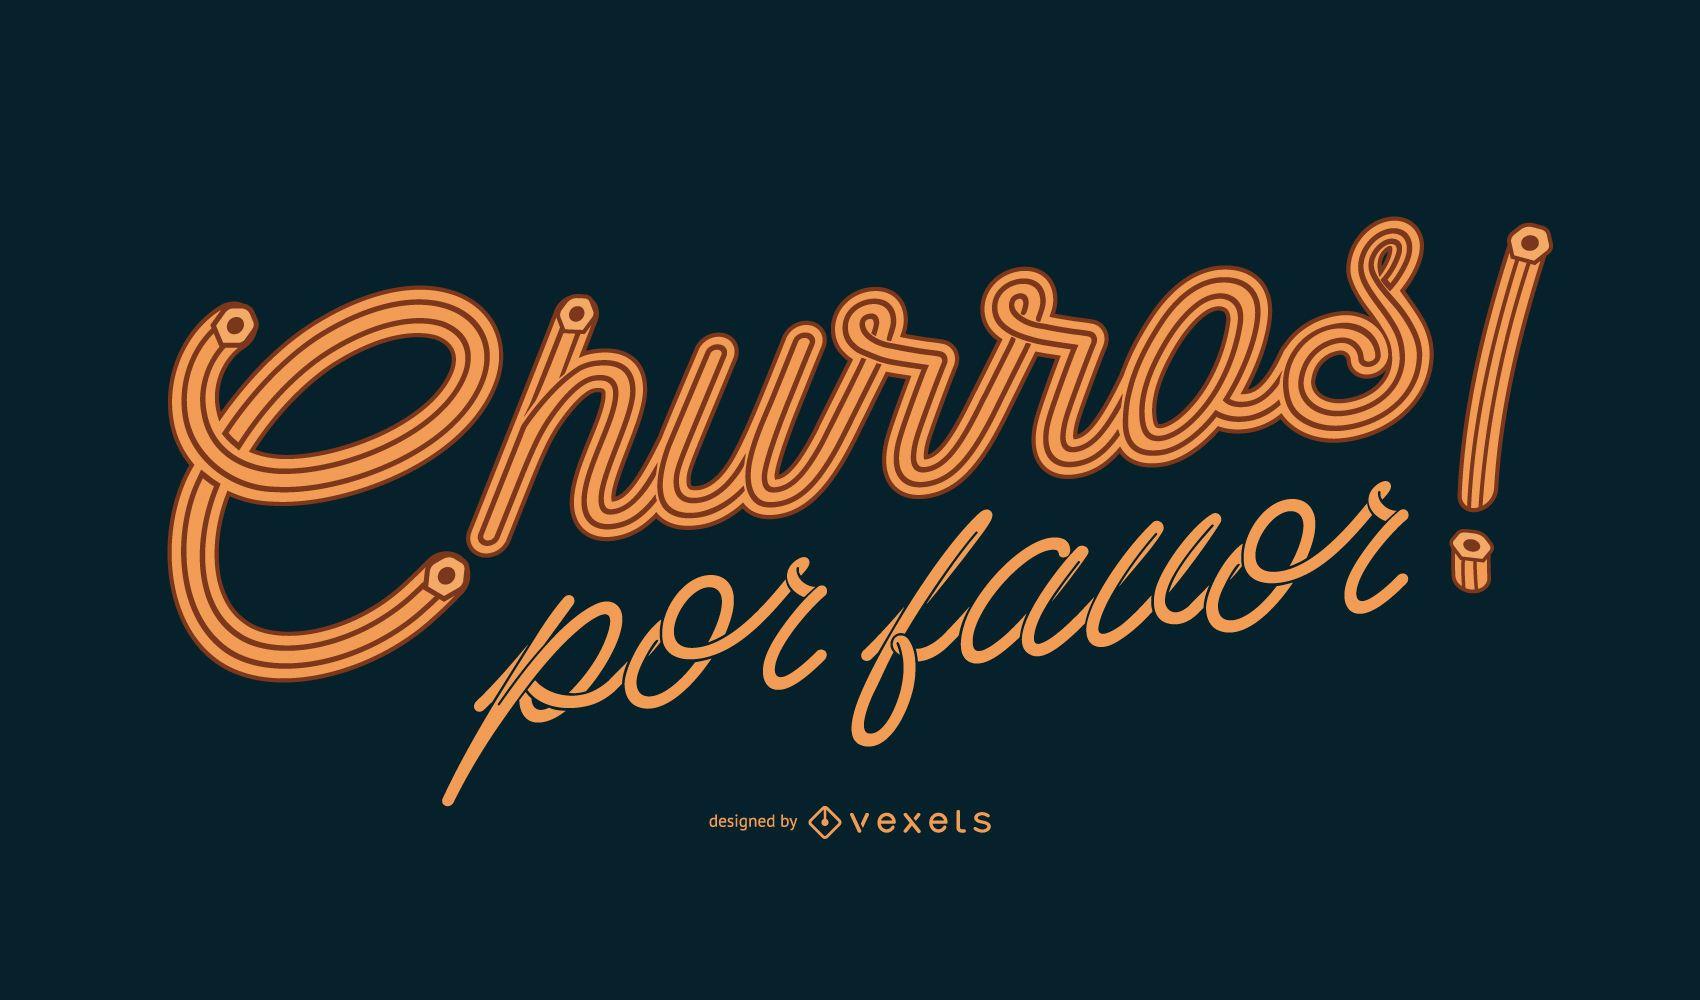 Churros spanish lettering design